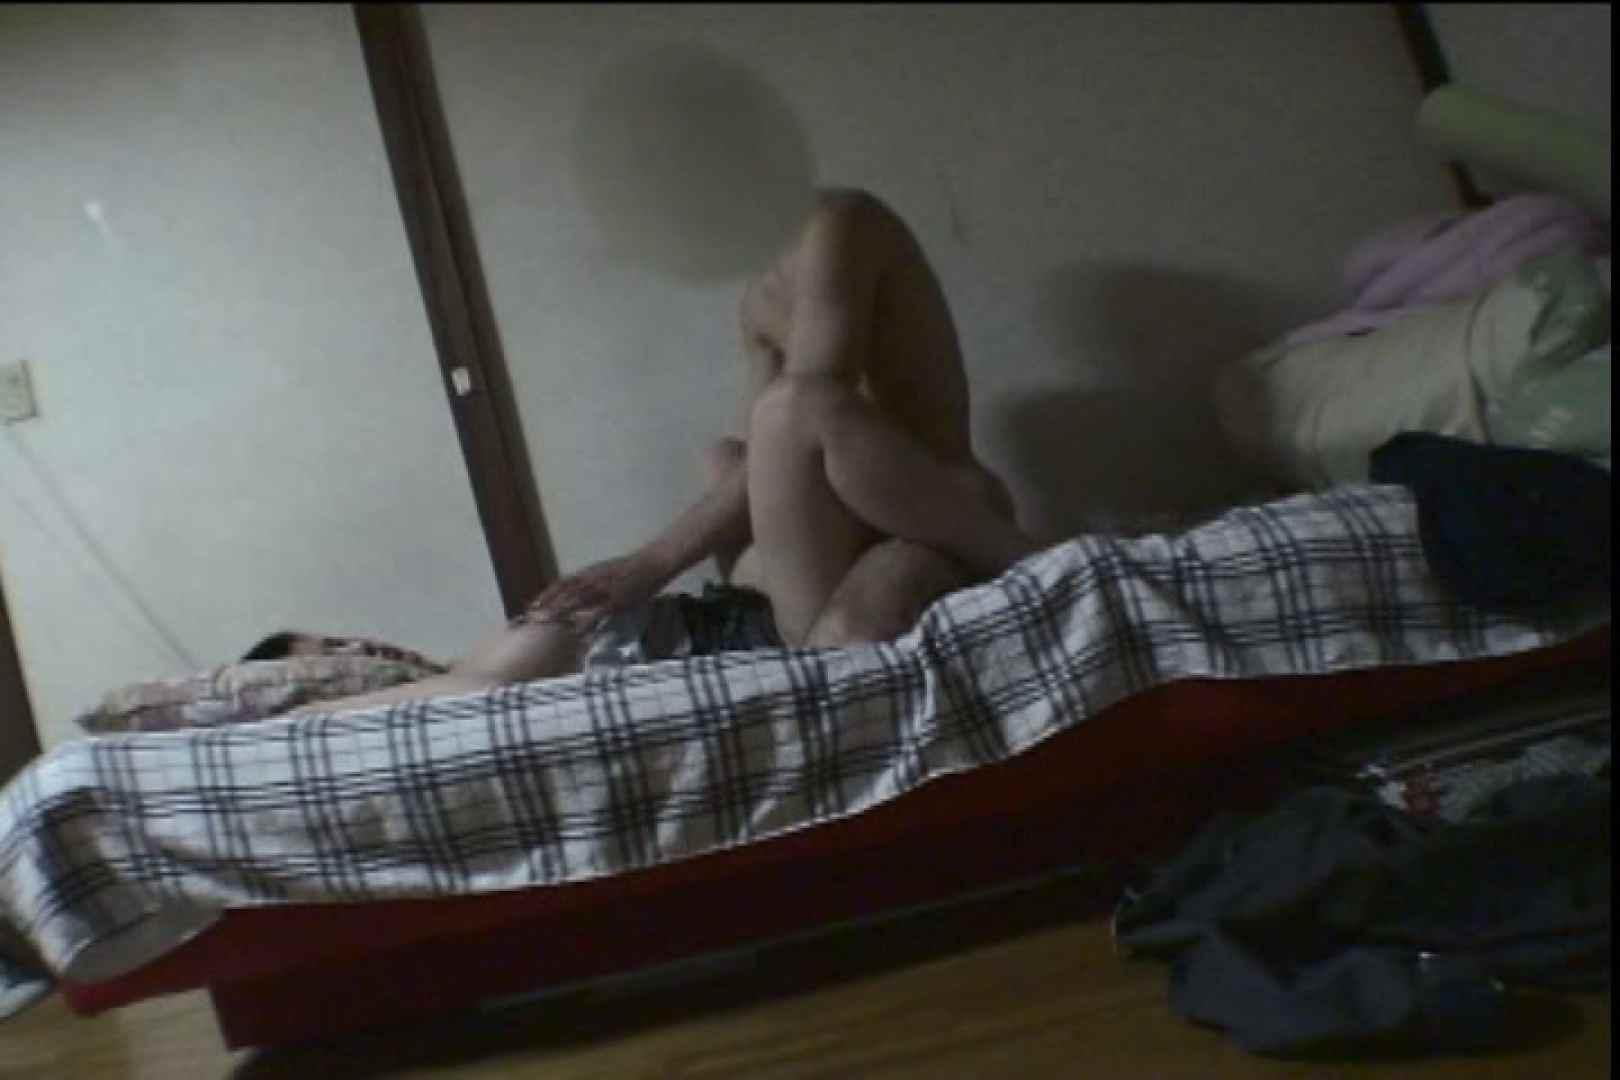 れる泥酔女5 覗き のぞき動画画像 106PICs 104